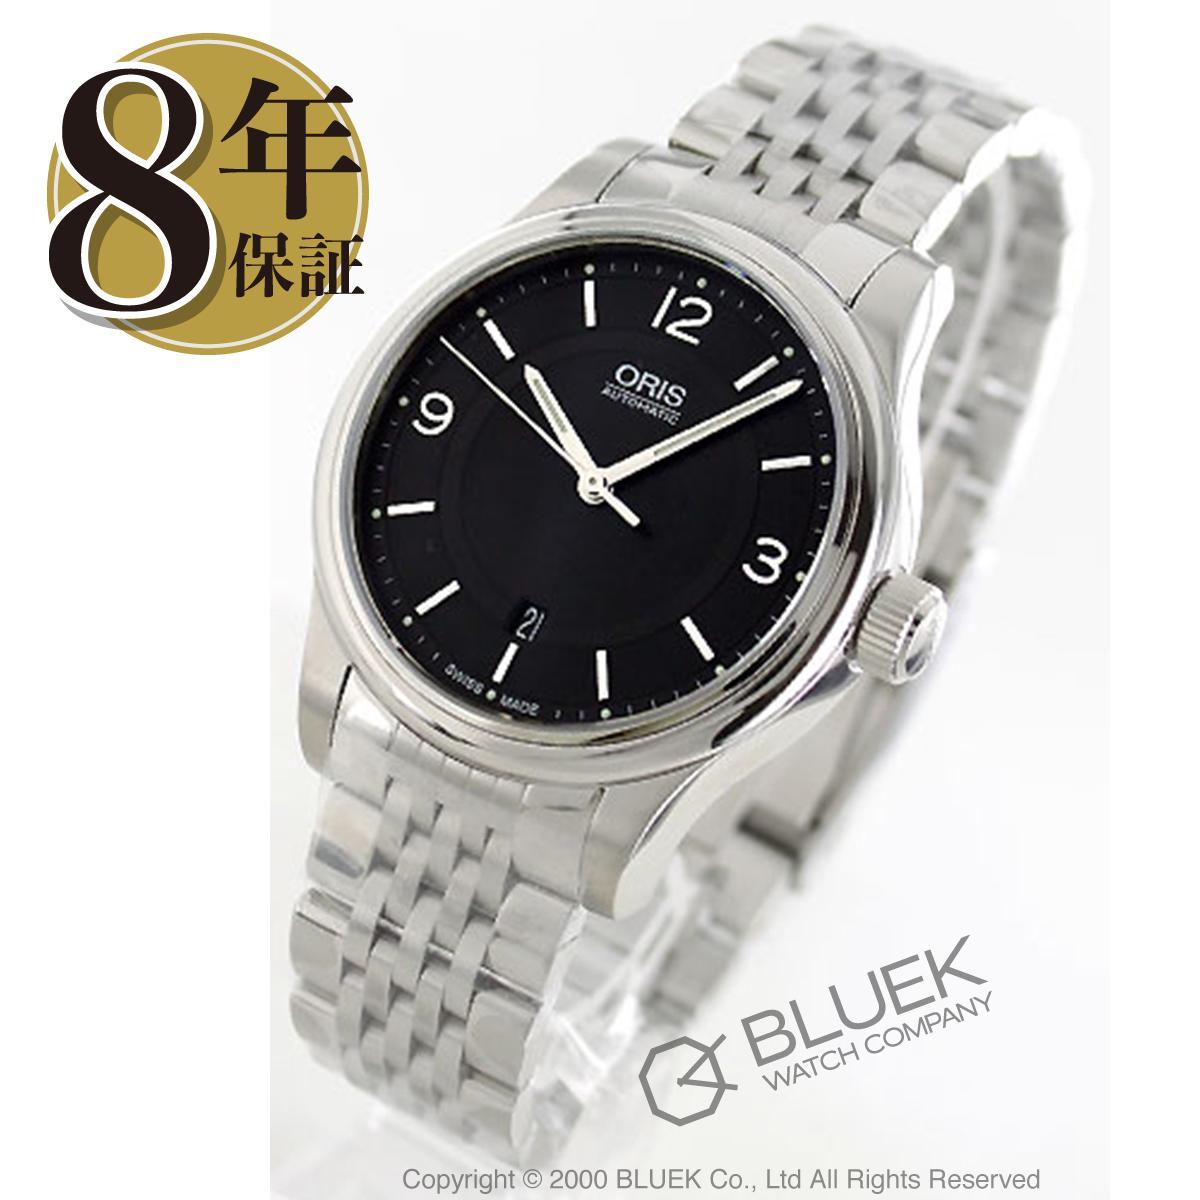 【1,000円OFFクーポン対象】オリス クラシック 腕時計 メンズ ORIS 733 7594 4034M_8